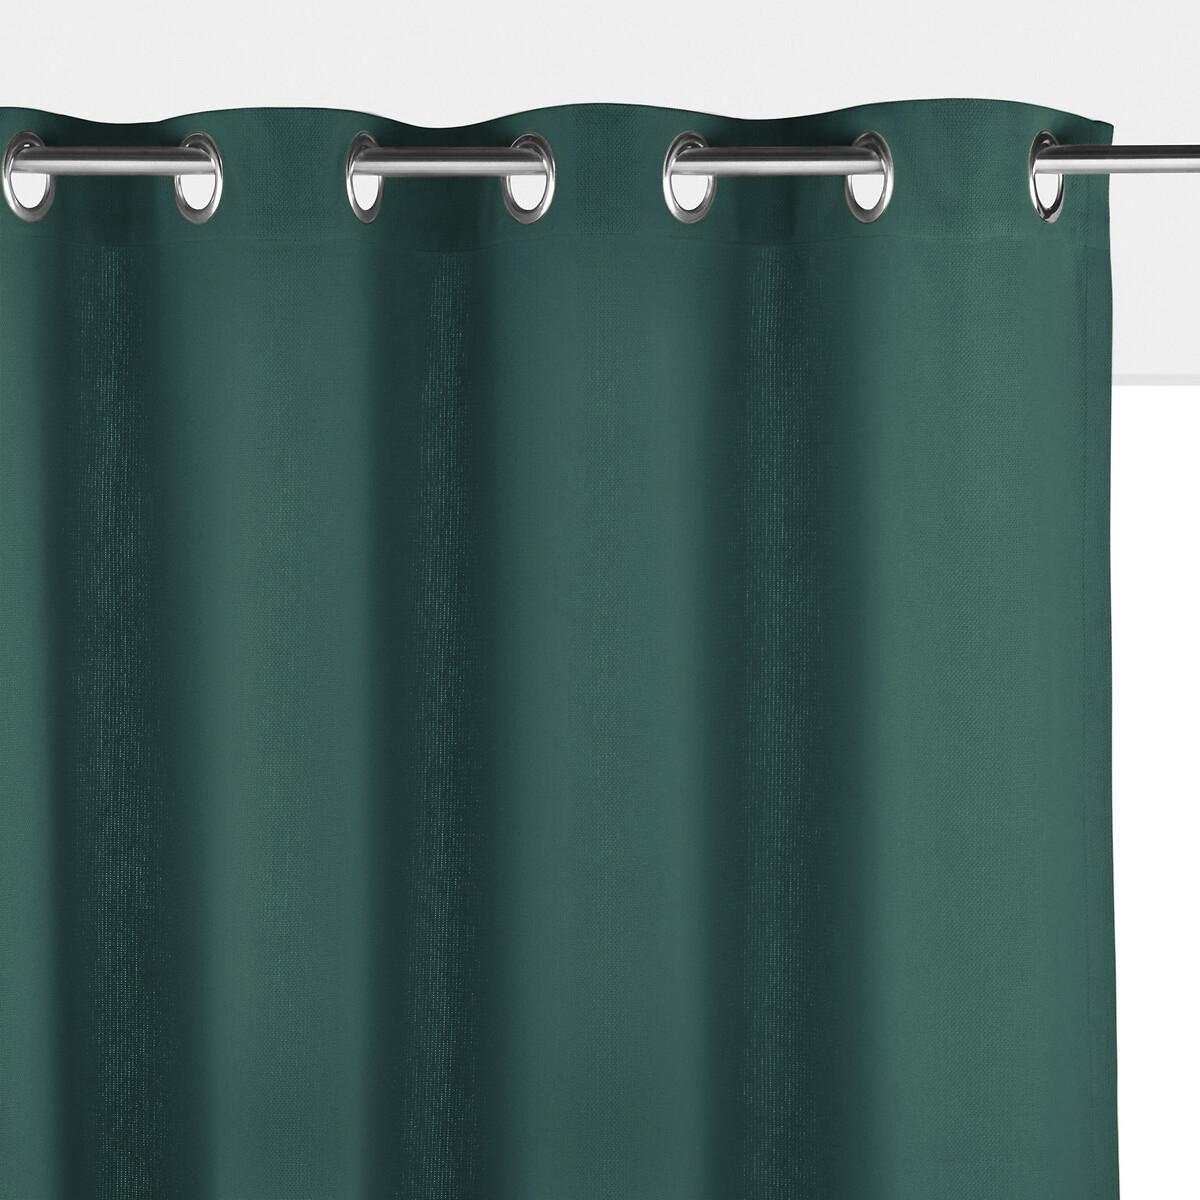 Штора LaRedoute Однотонная 100 хлопок Panama 260 x 140 см зеленый